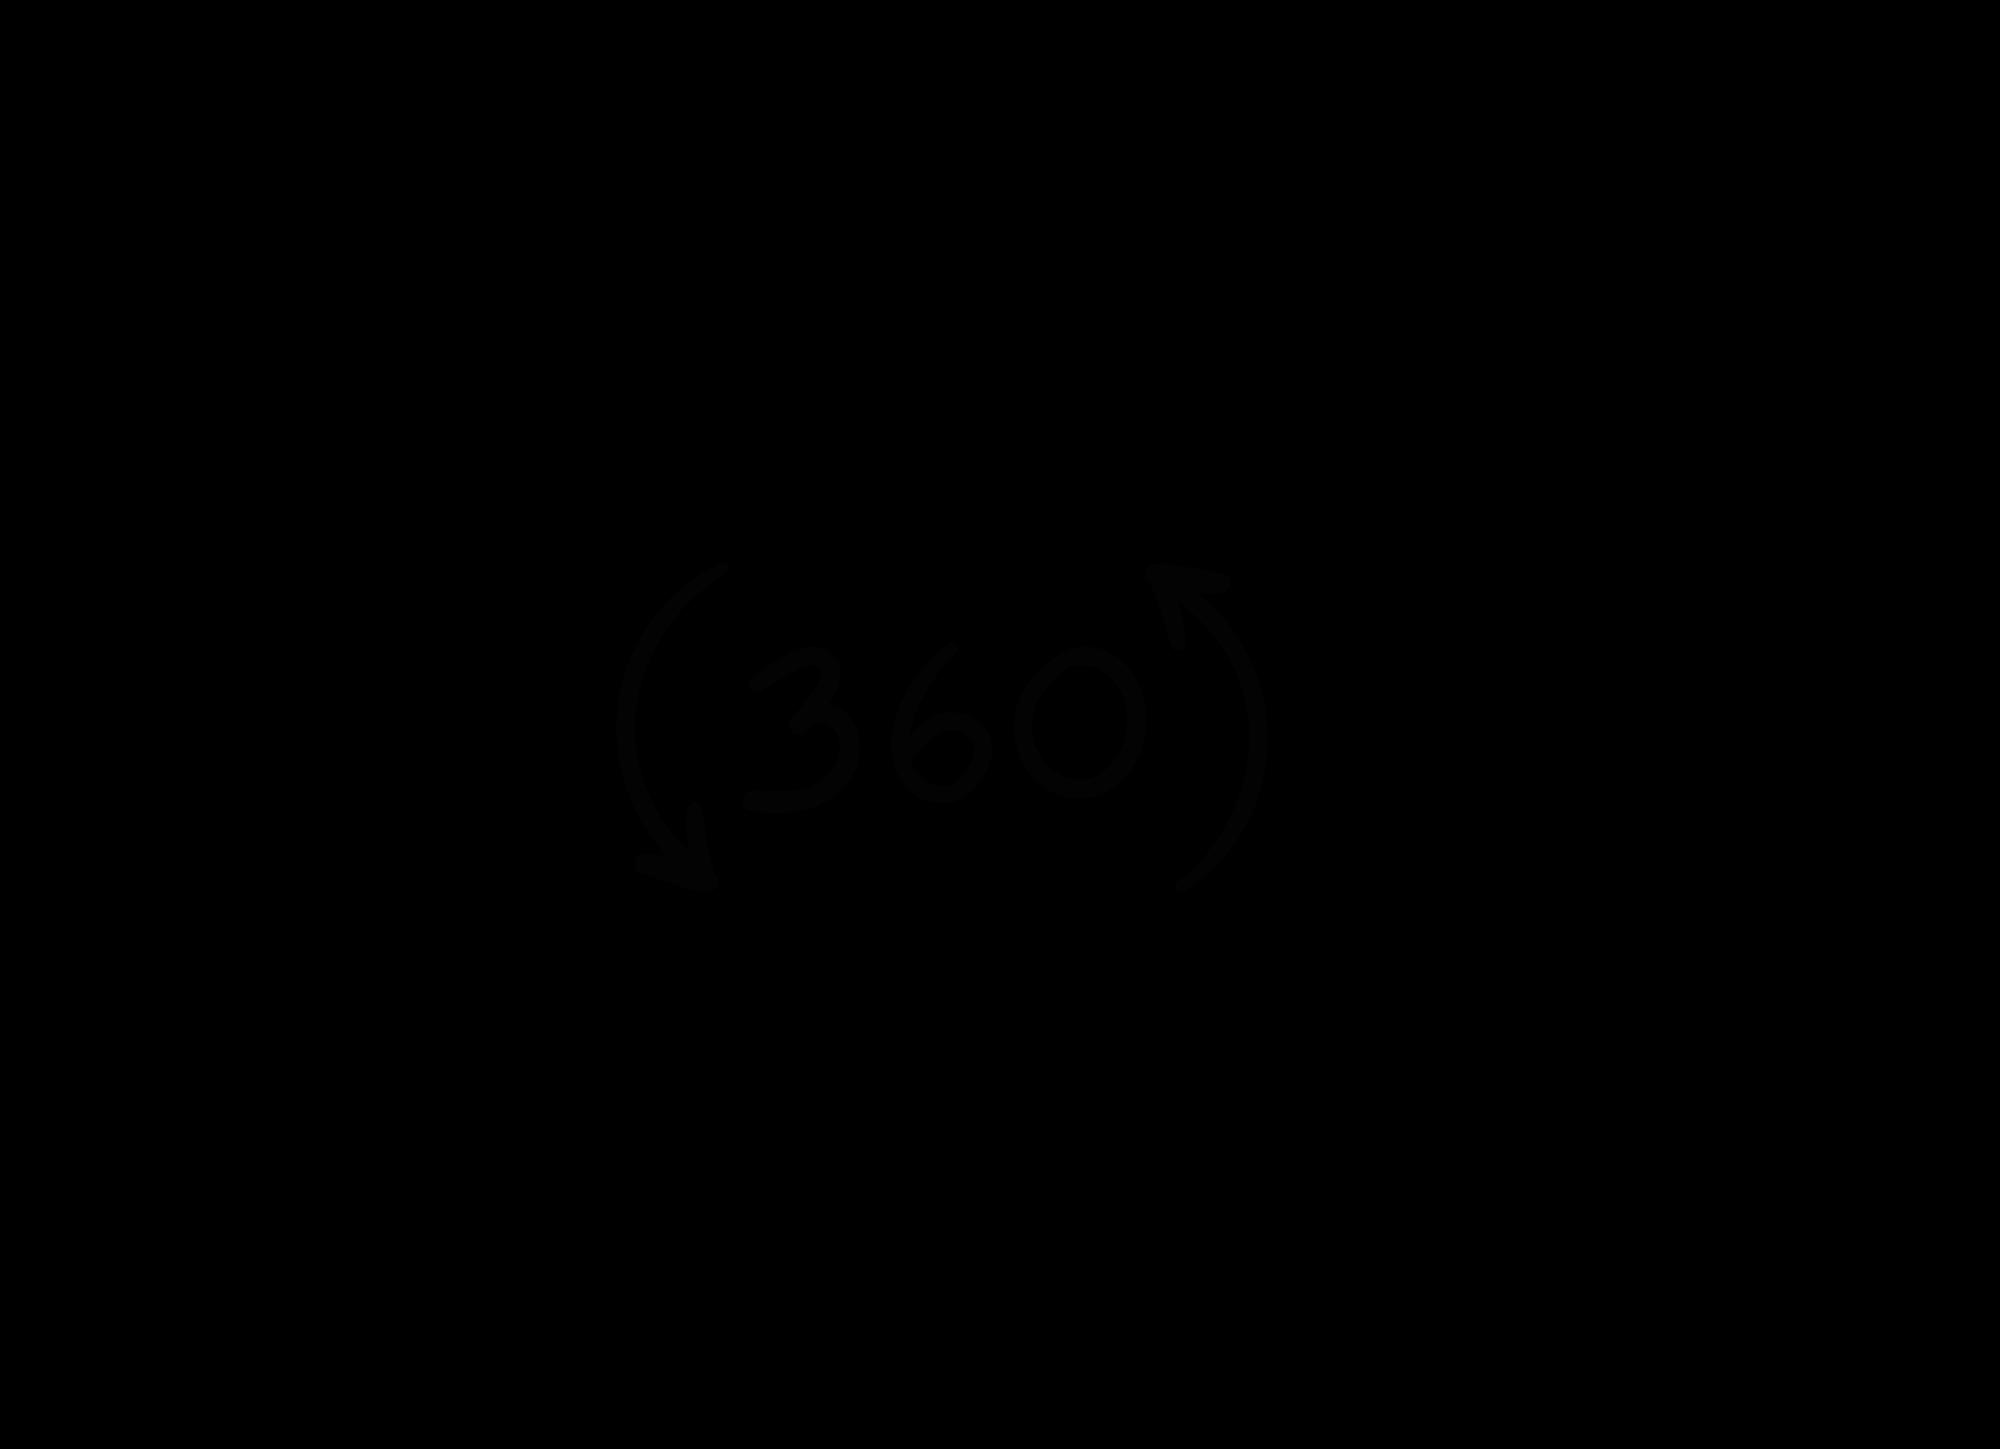 360 landscape view